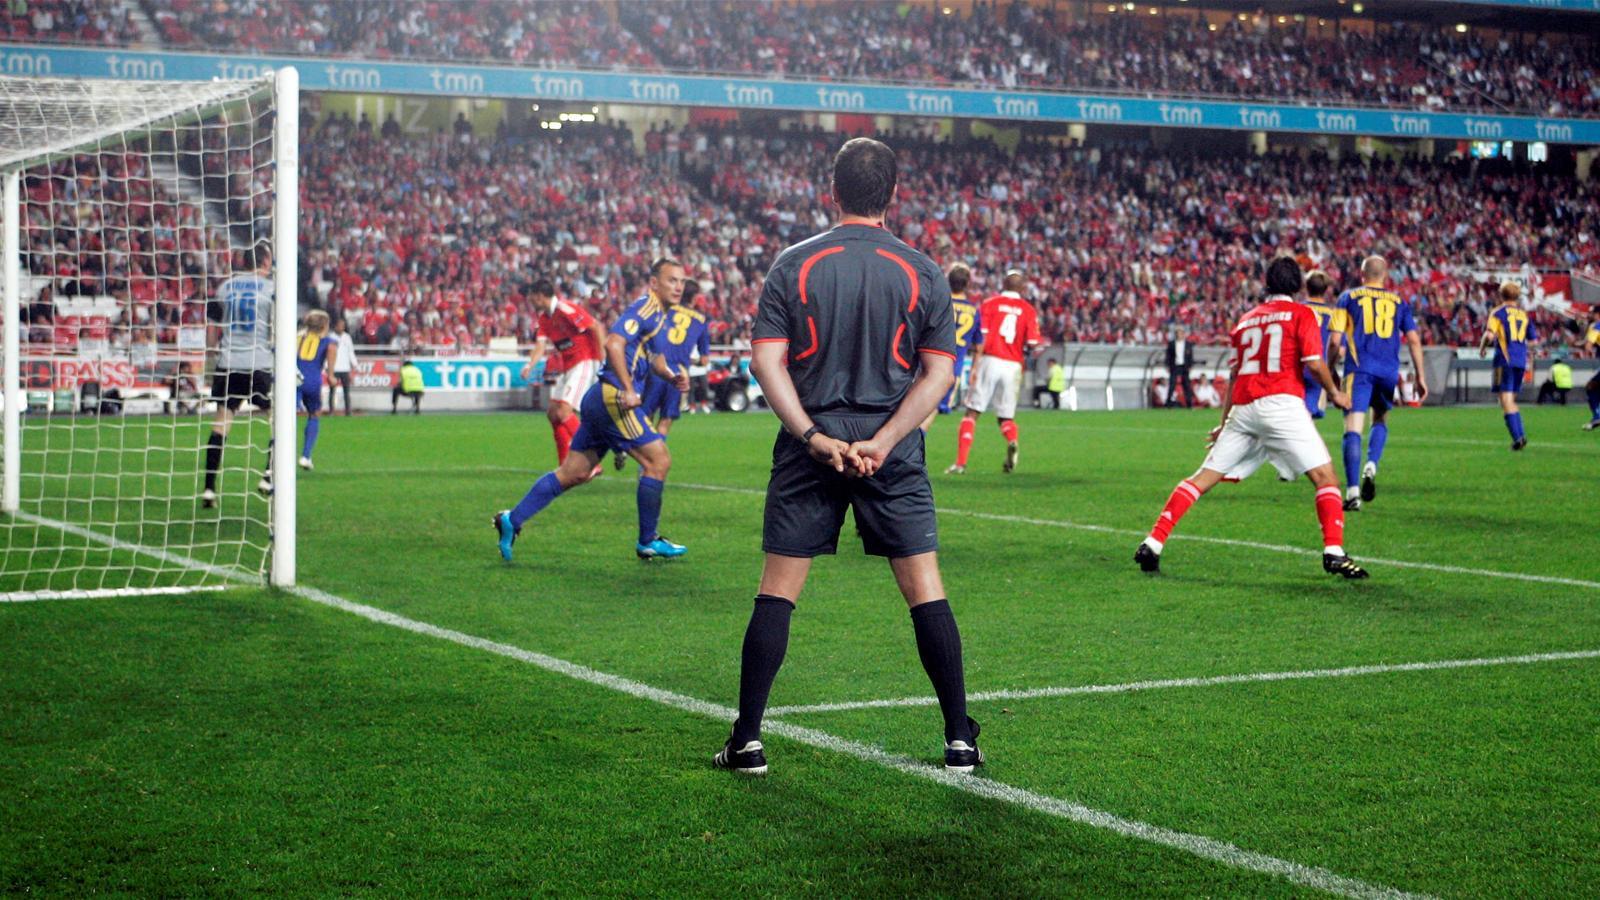 El árbitro adicional que se utilizará en el verano.